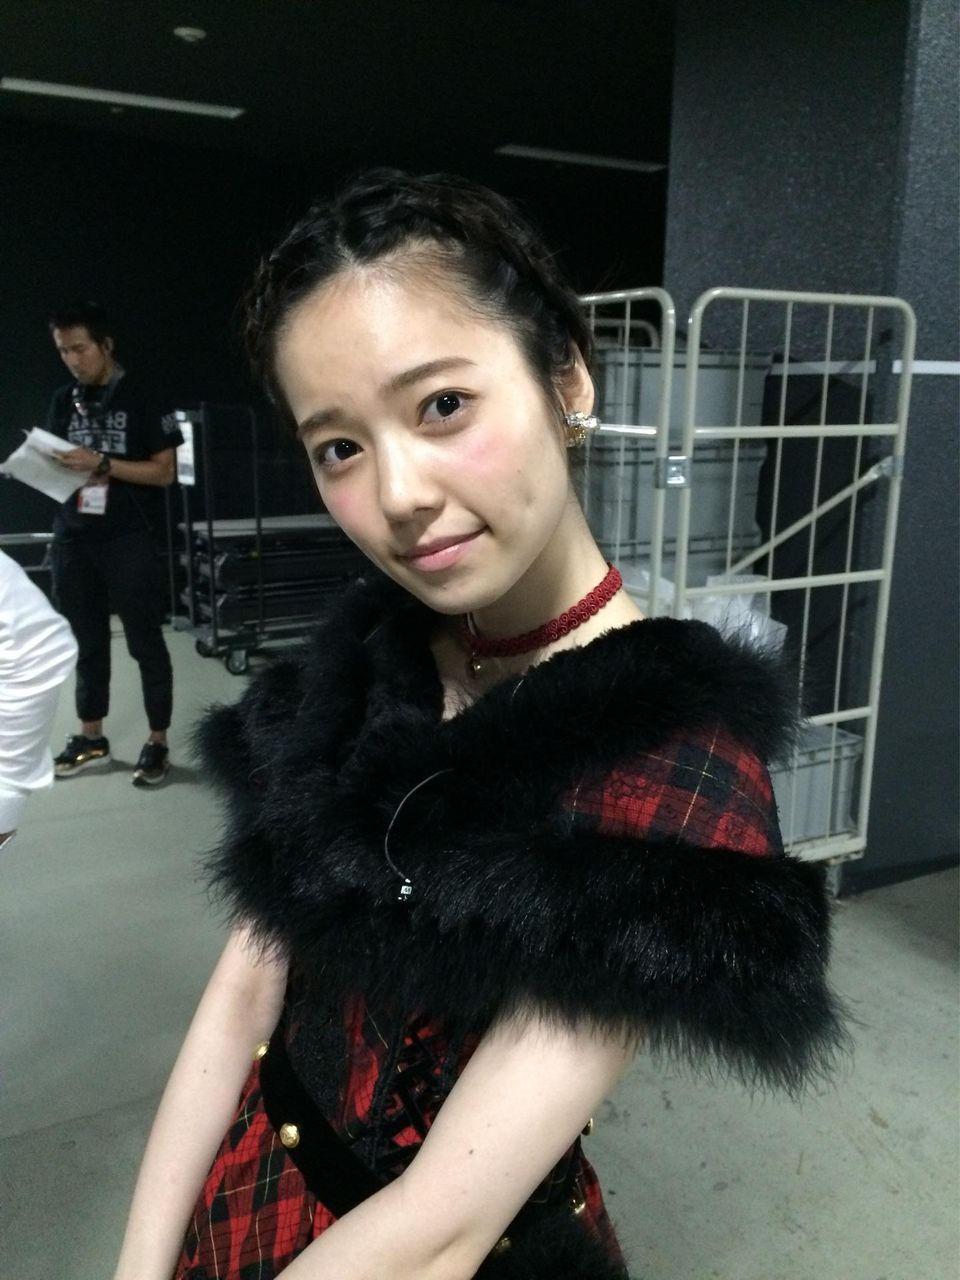 【速報】AKB48 46thシングル選抜22名を発表!センターは島崎遥香!聖域メンバーが躍動!!